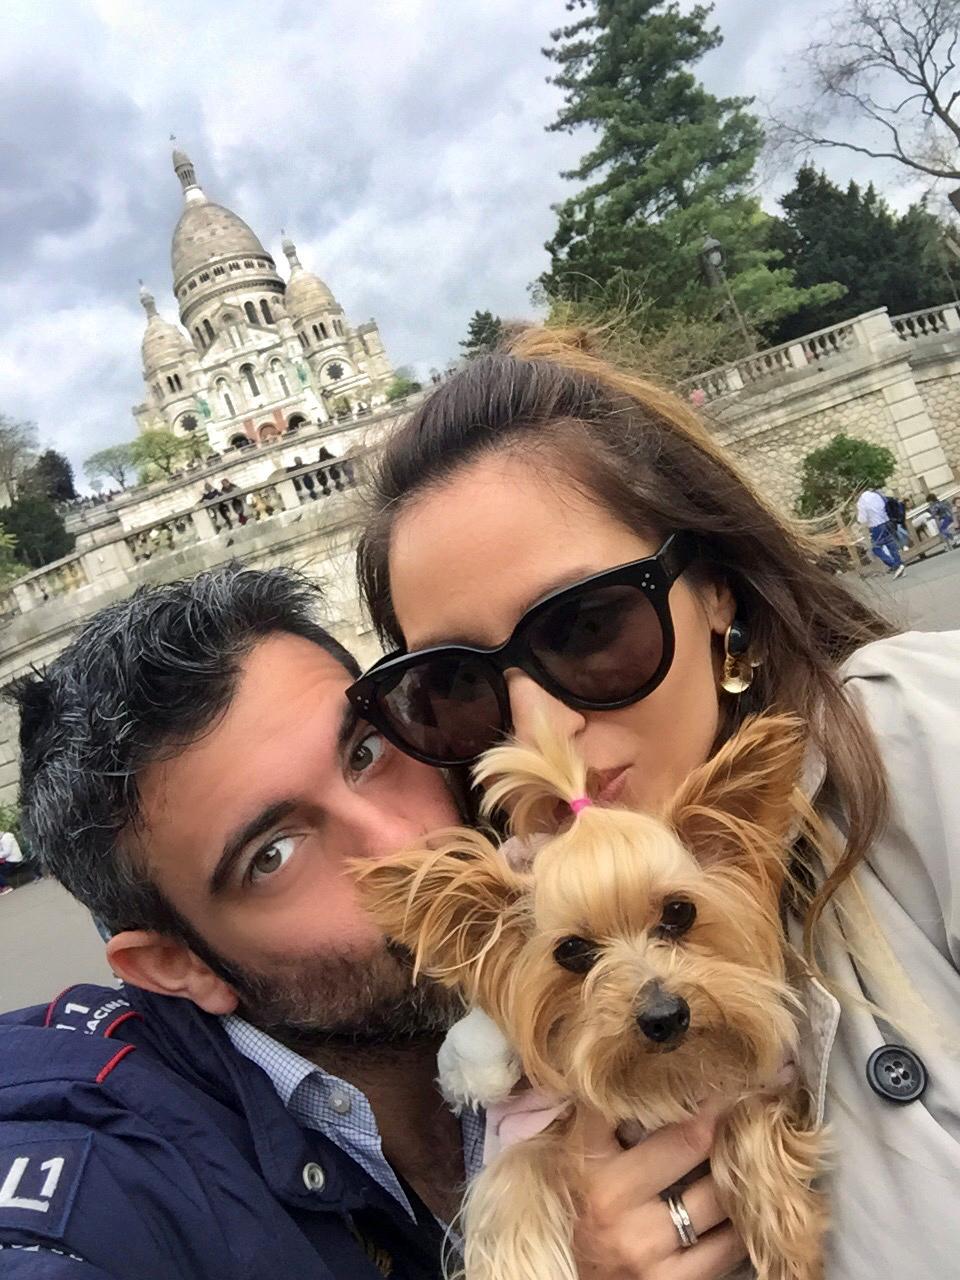 Viajar a Paris con Perro - Travel to Paris with dog viajar a paris con perro - 34471060621 98403d342c o - Viajar a Paris con perro